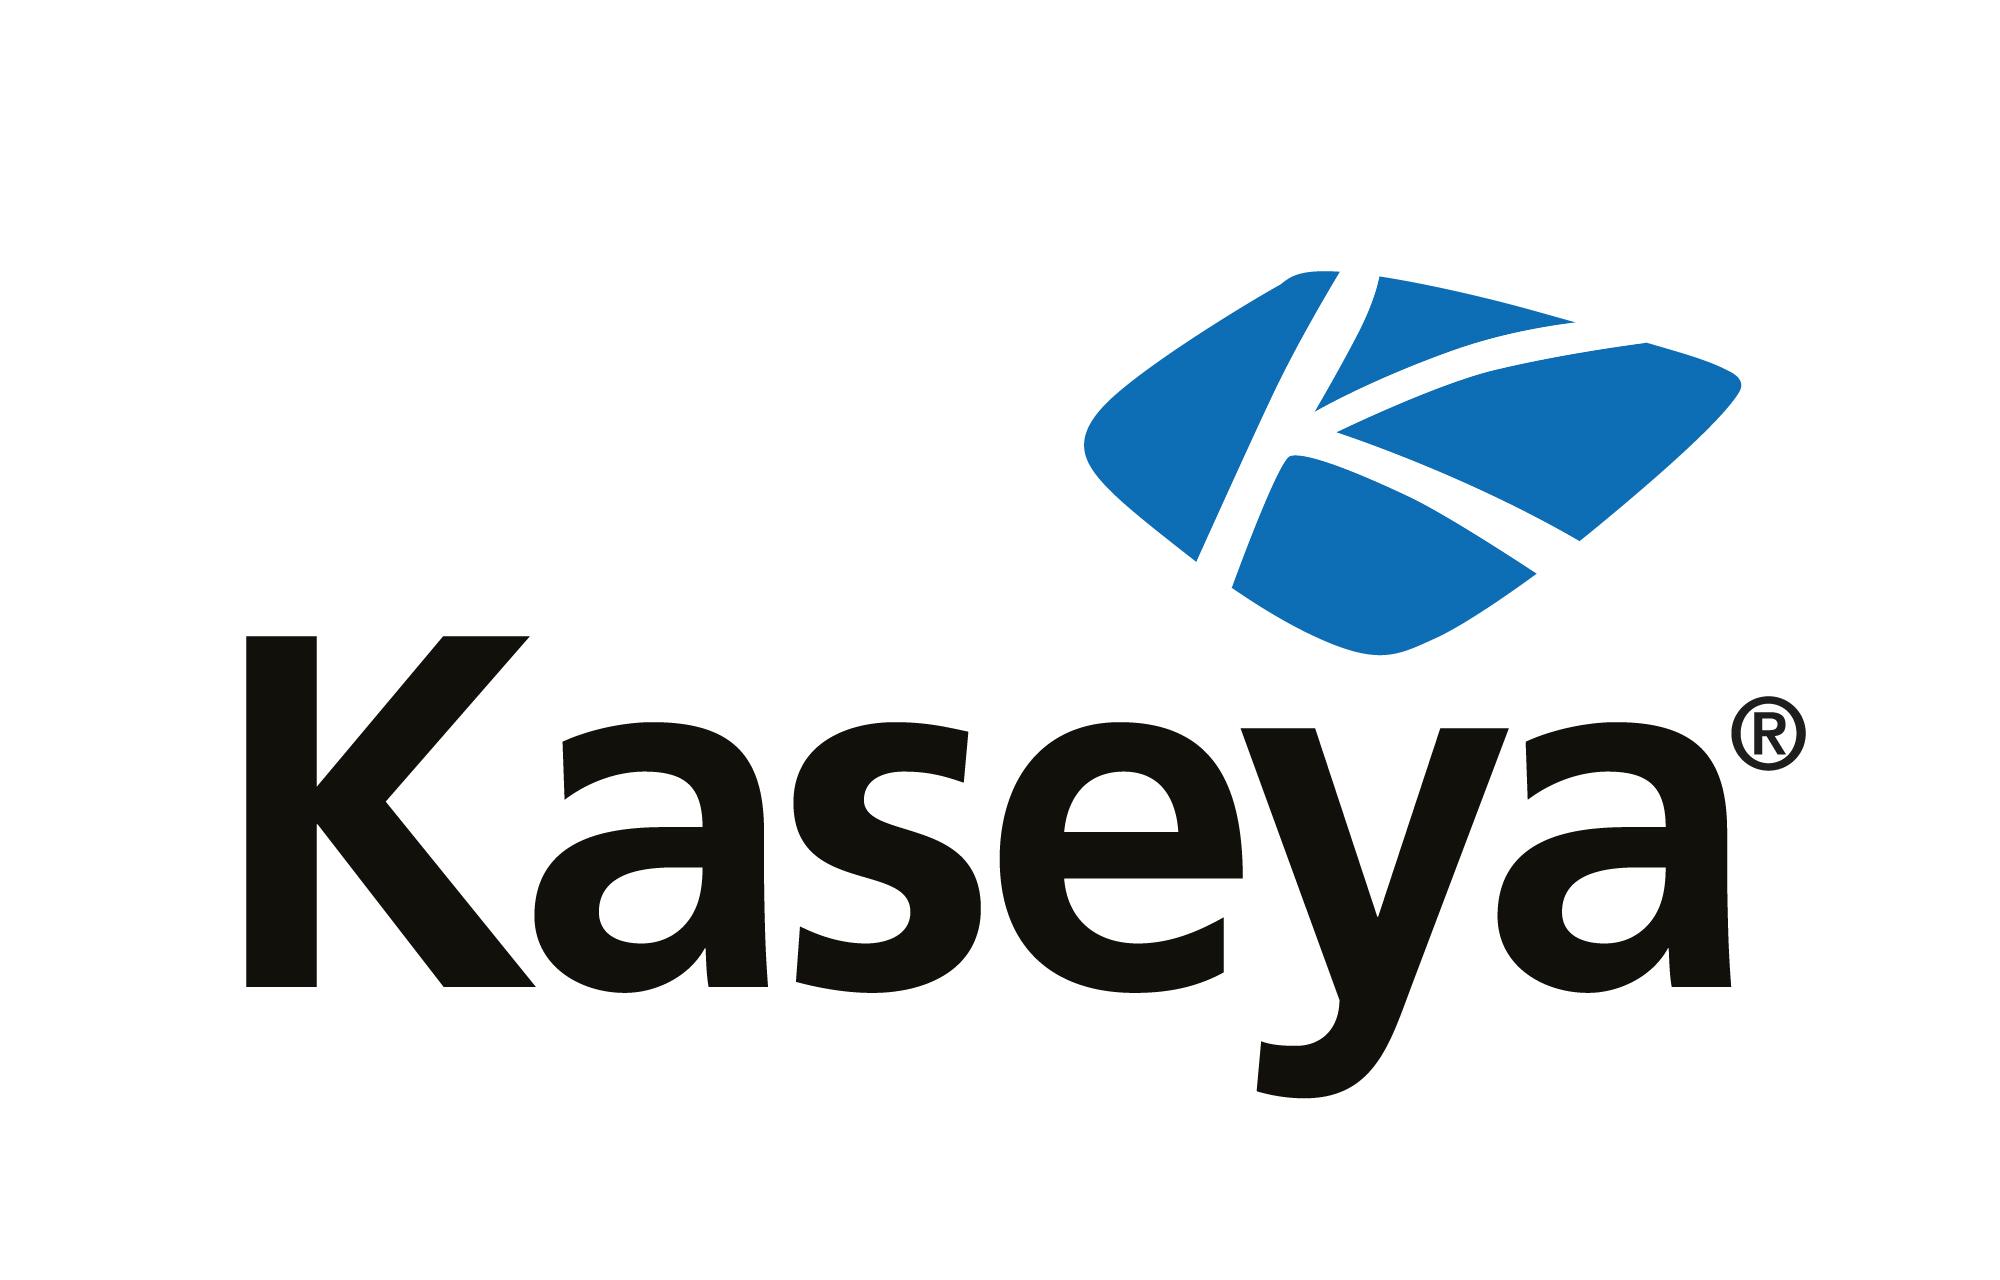 Kaseya stellt erweitertes Roadshow-Programm vor